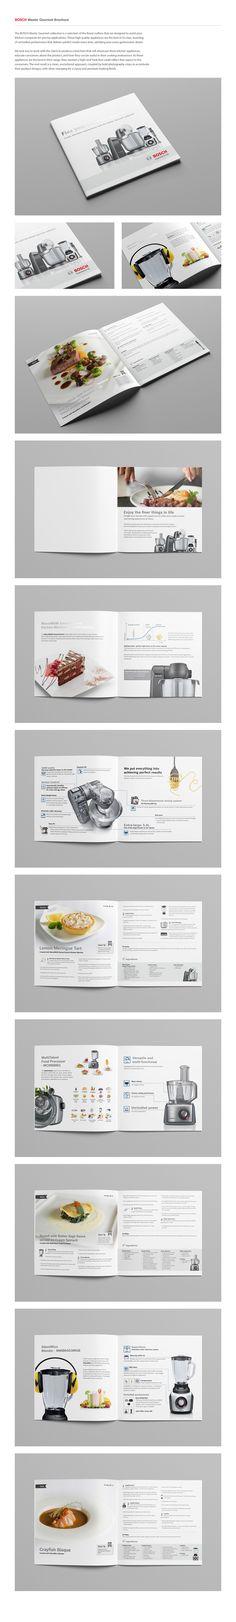 BOSCH: Master Gourmet Brochure on Behance